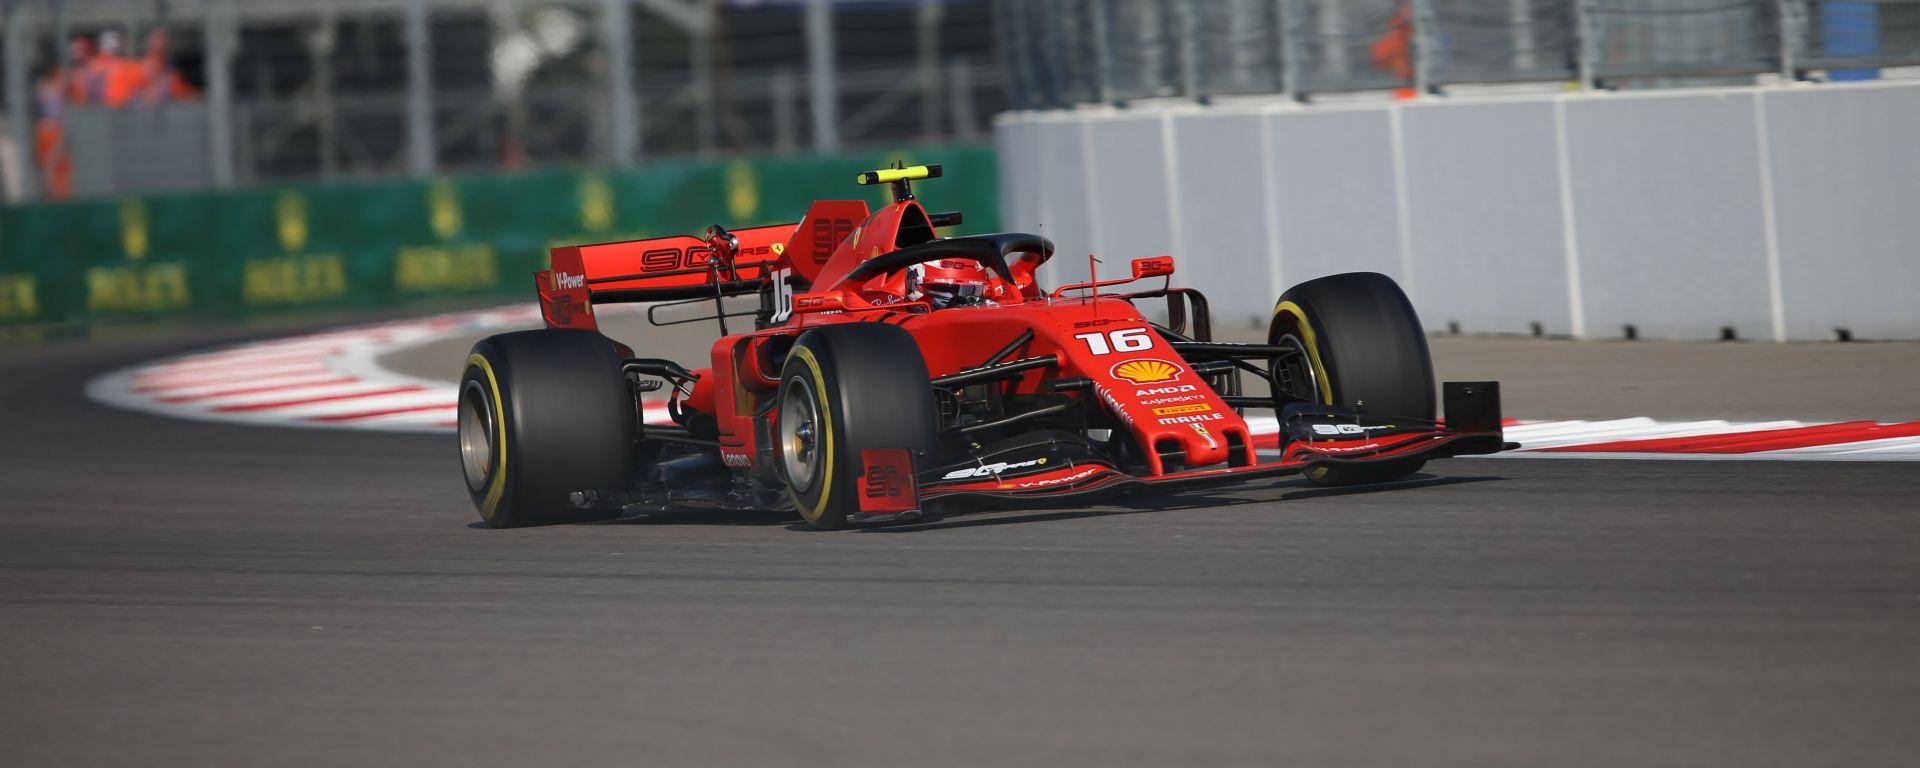 Charles Leclerc (Ferrari) in pista a Sochi